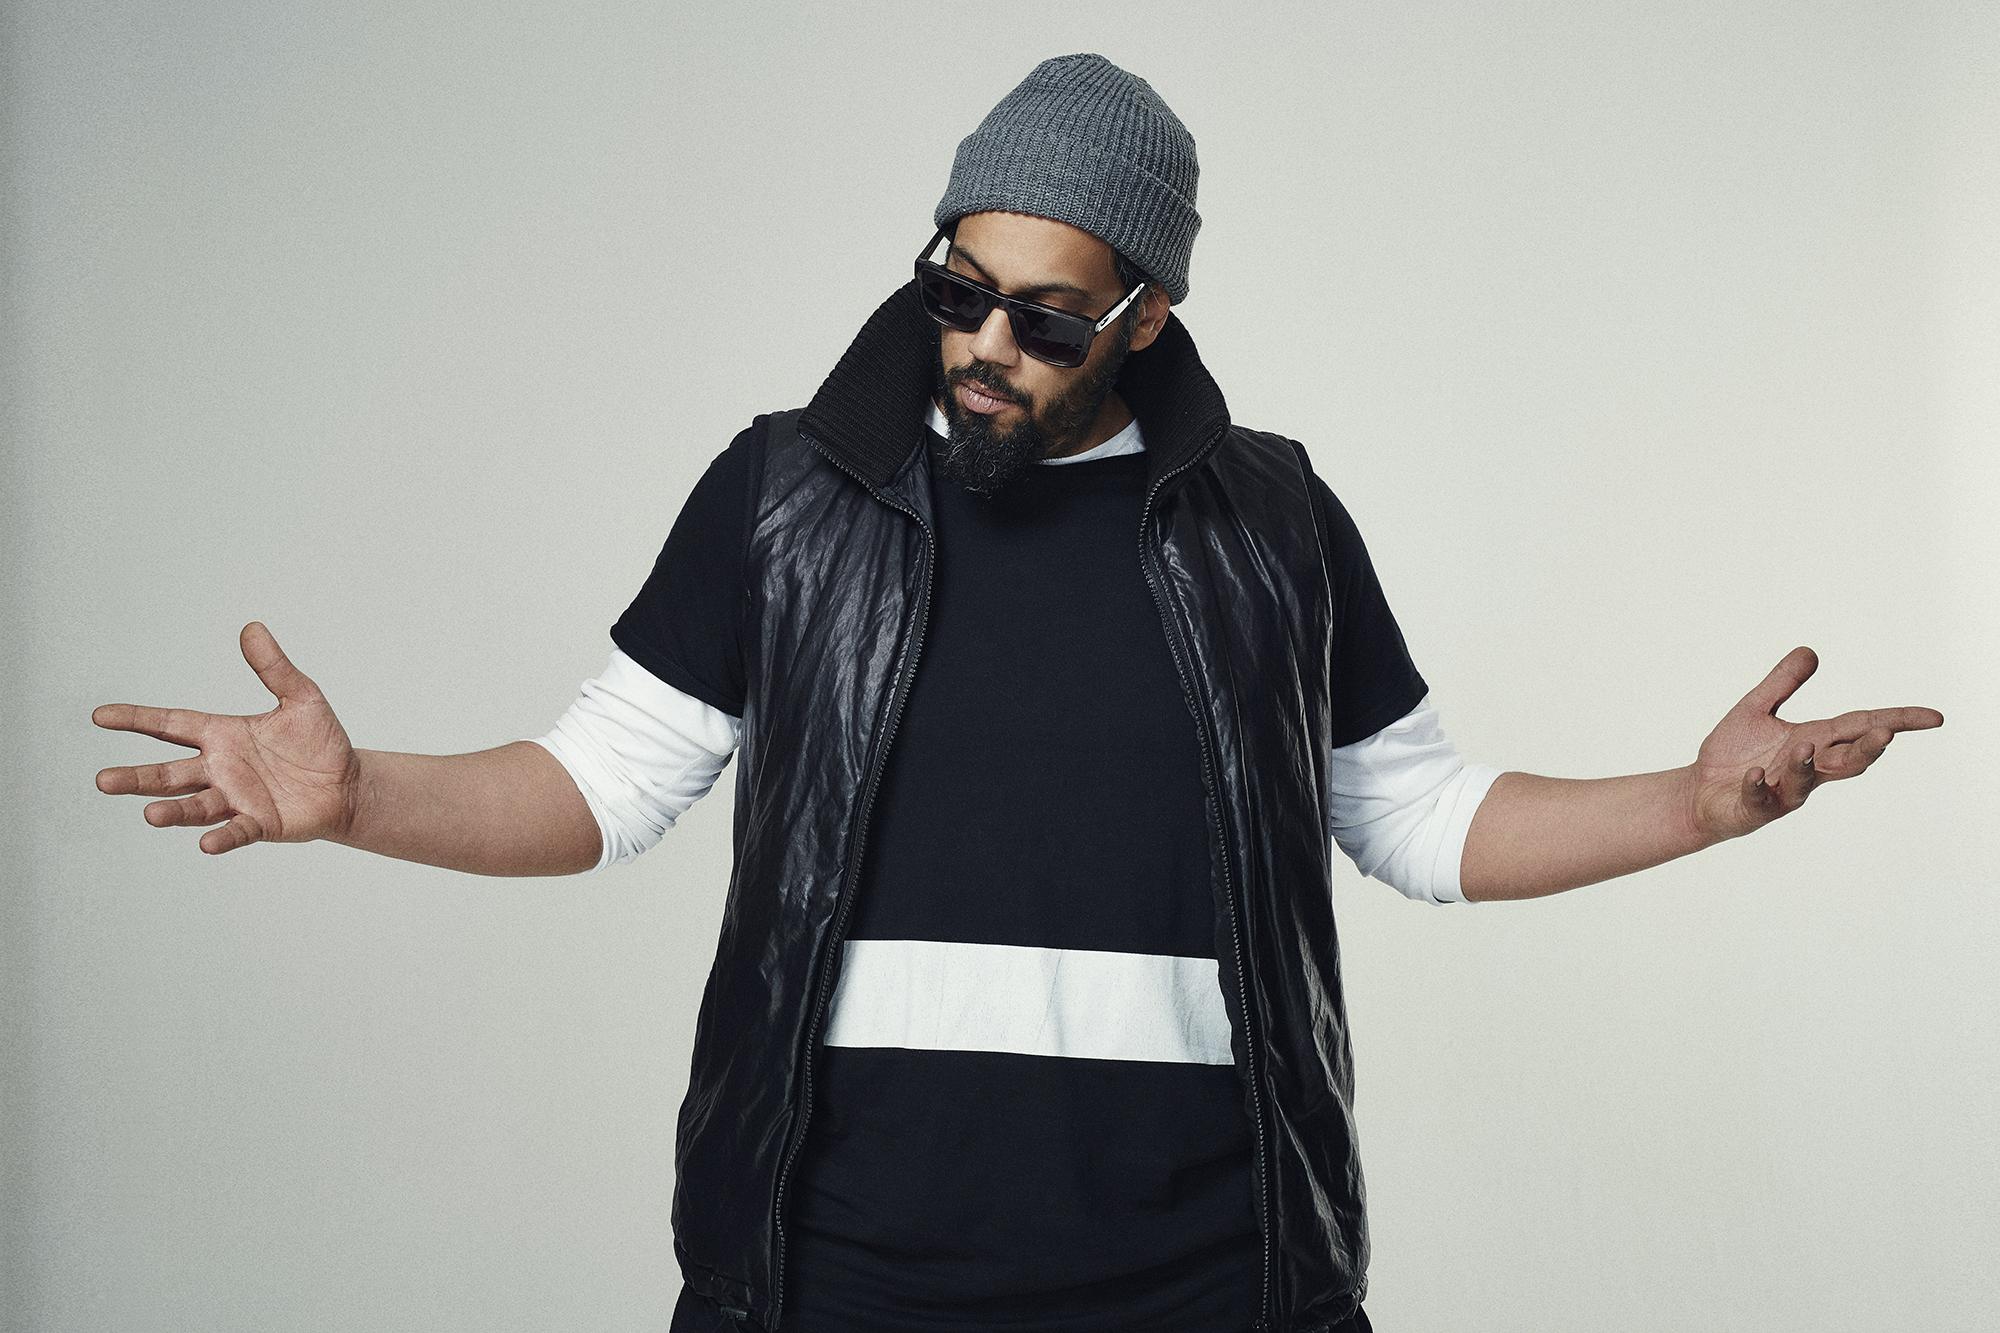 Samy Deluxe ist mit einem neuen Album zurück, das er in Berlin vorgestellt hat